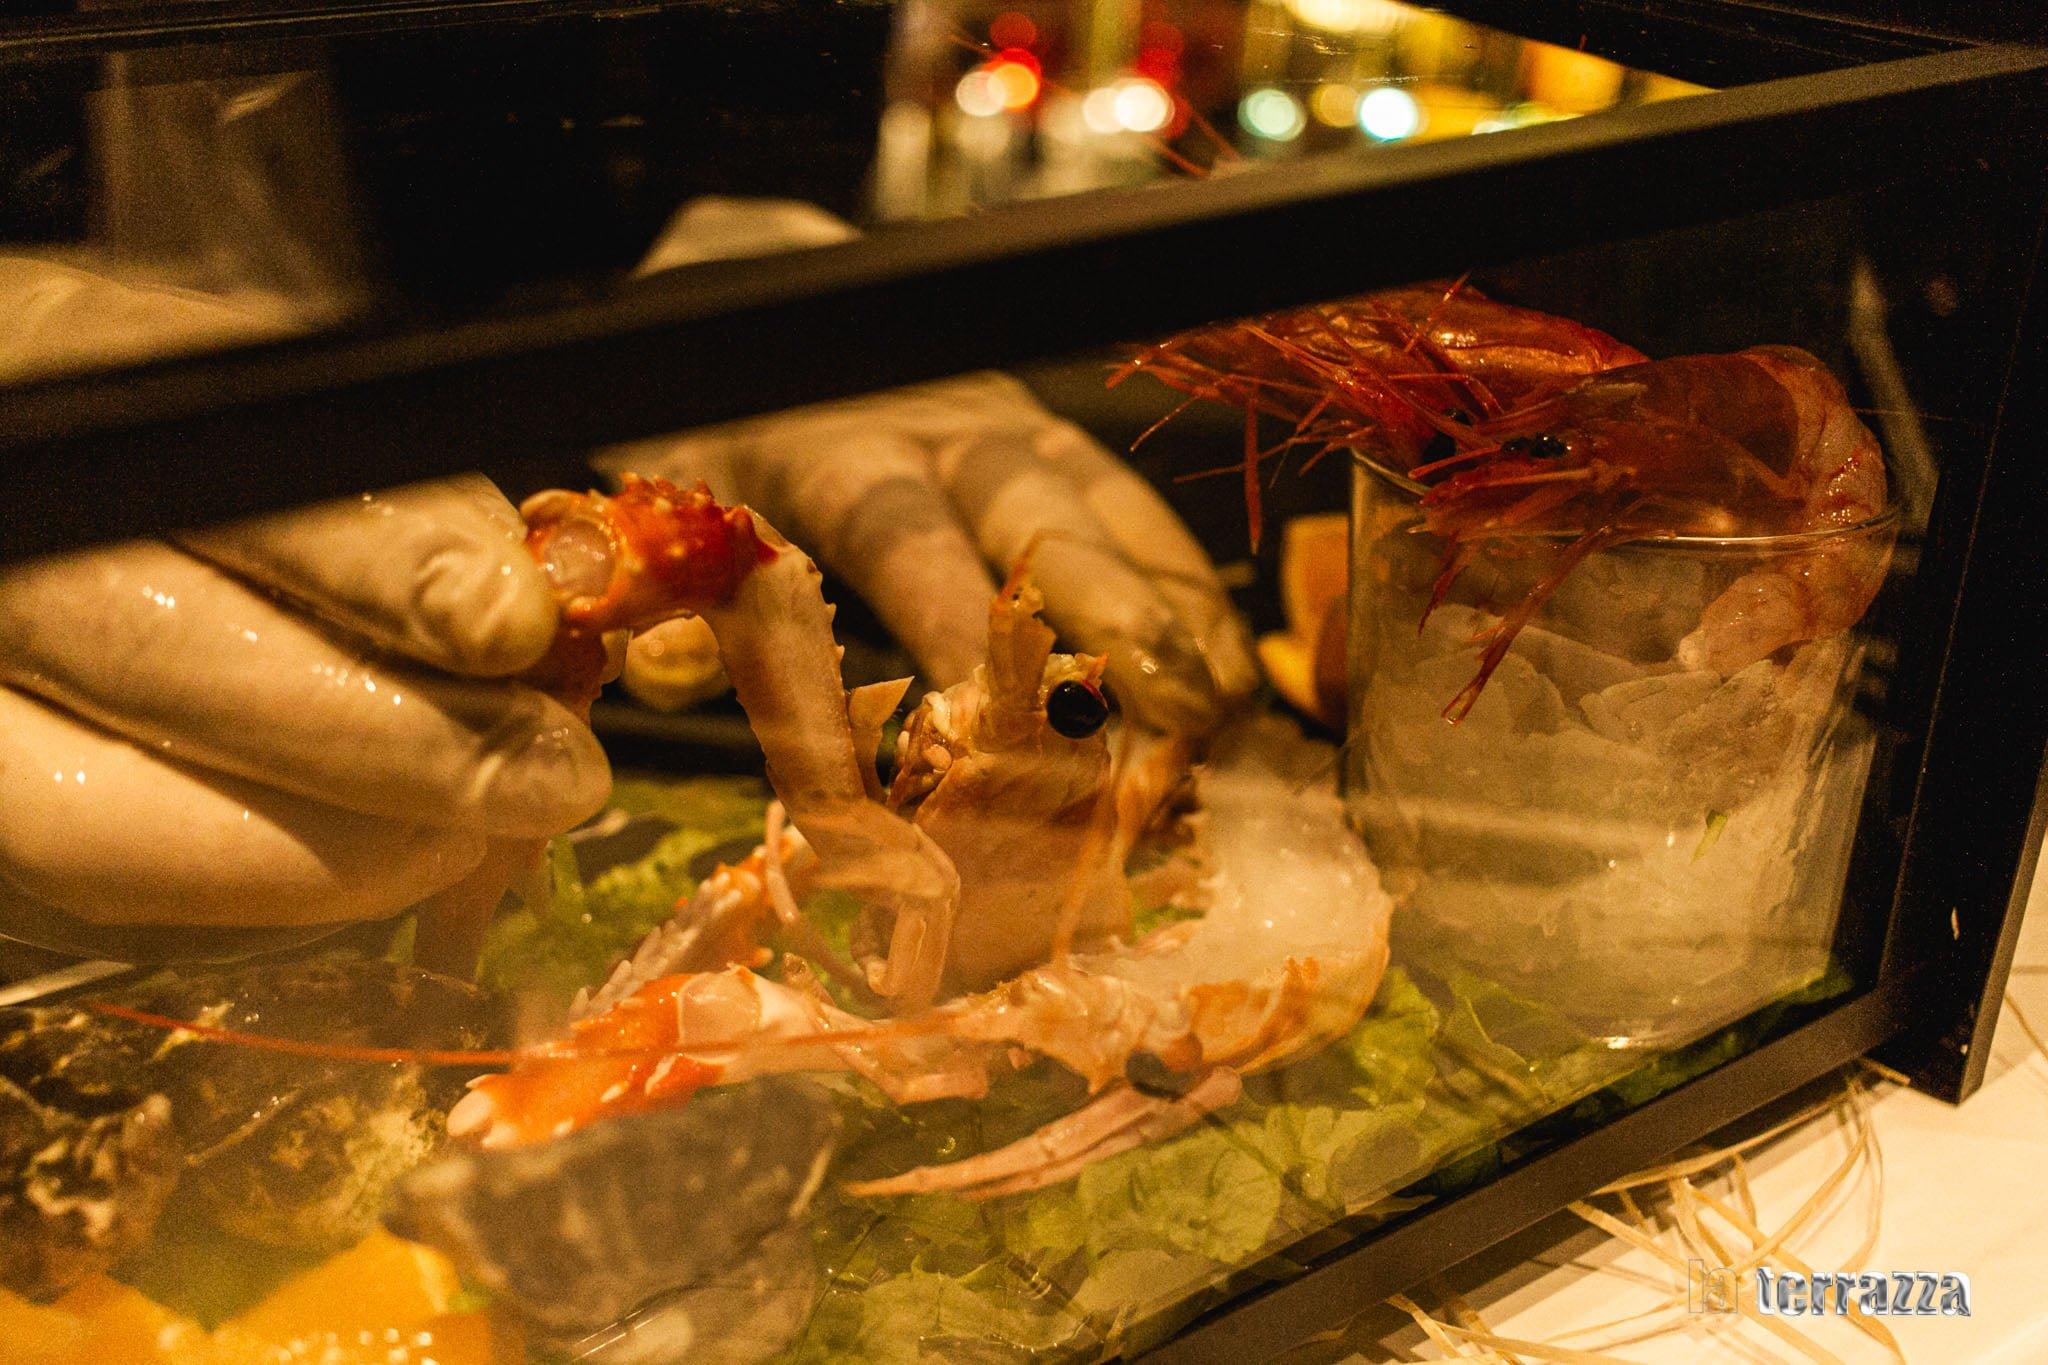 Inizia il mese più caldo alla Discoteca La Terrazza di San Benedetto Del Tronto